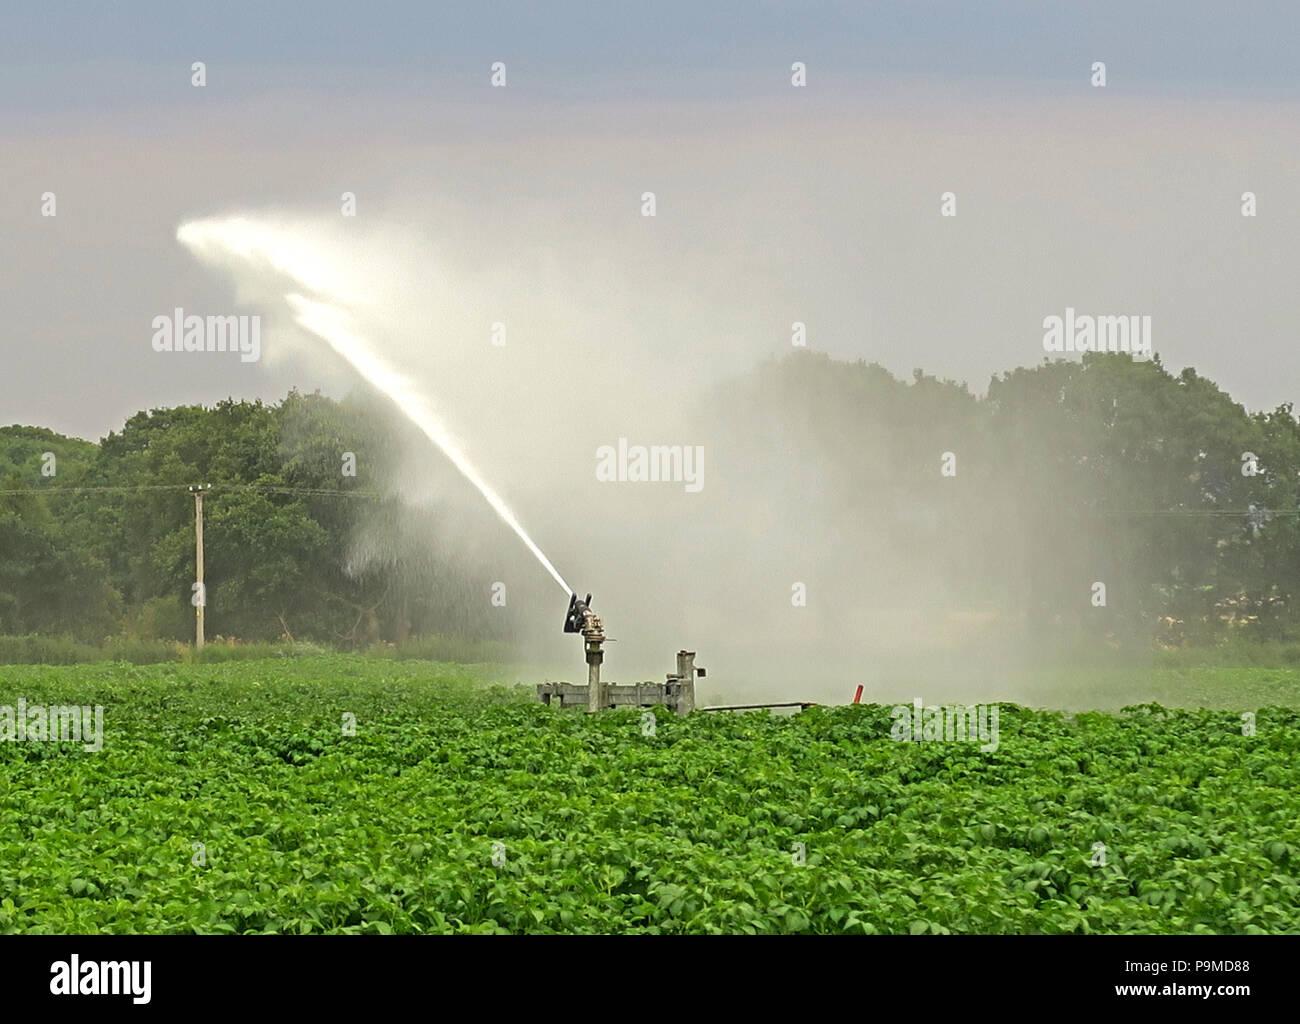 Laden Sie dieses Alamy Stockfoto Sprinkler in einem Yorkshire Ernte der Kartoffeln, Sommer, England, Großbritannien - P9MD88